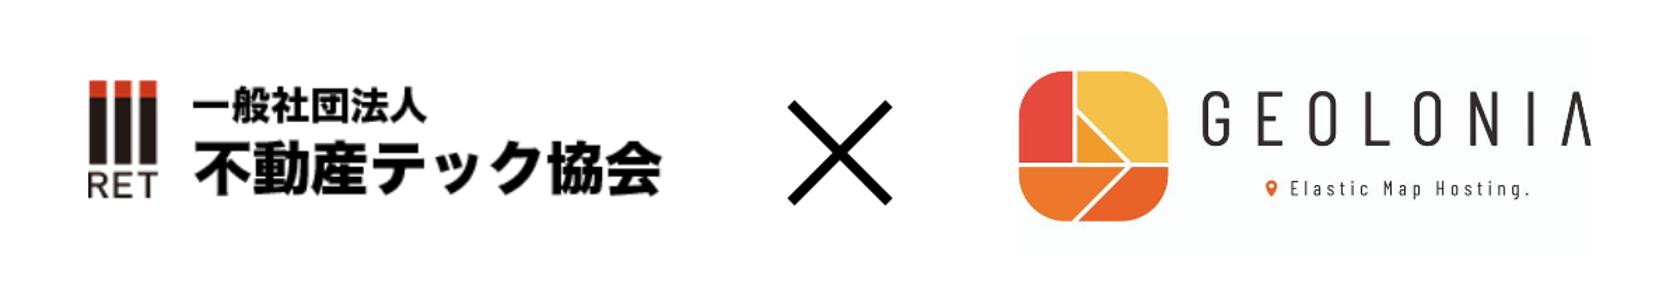 不動産テック協会とGeoloniaのロゴ